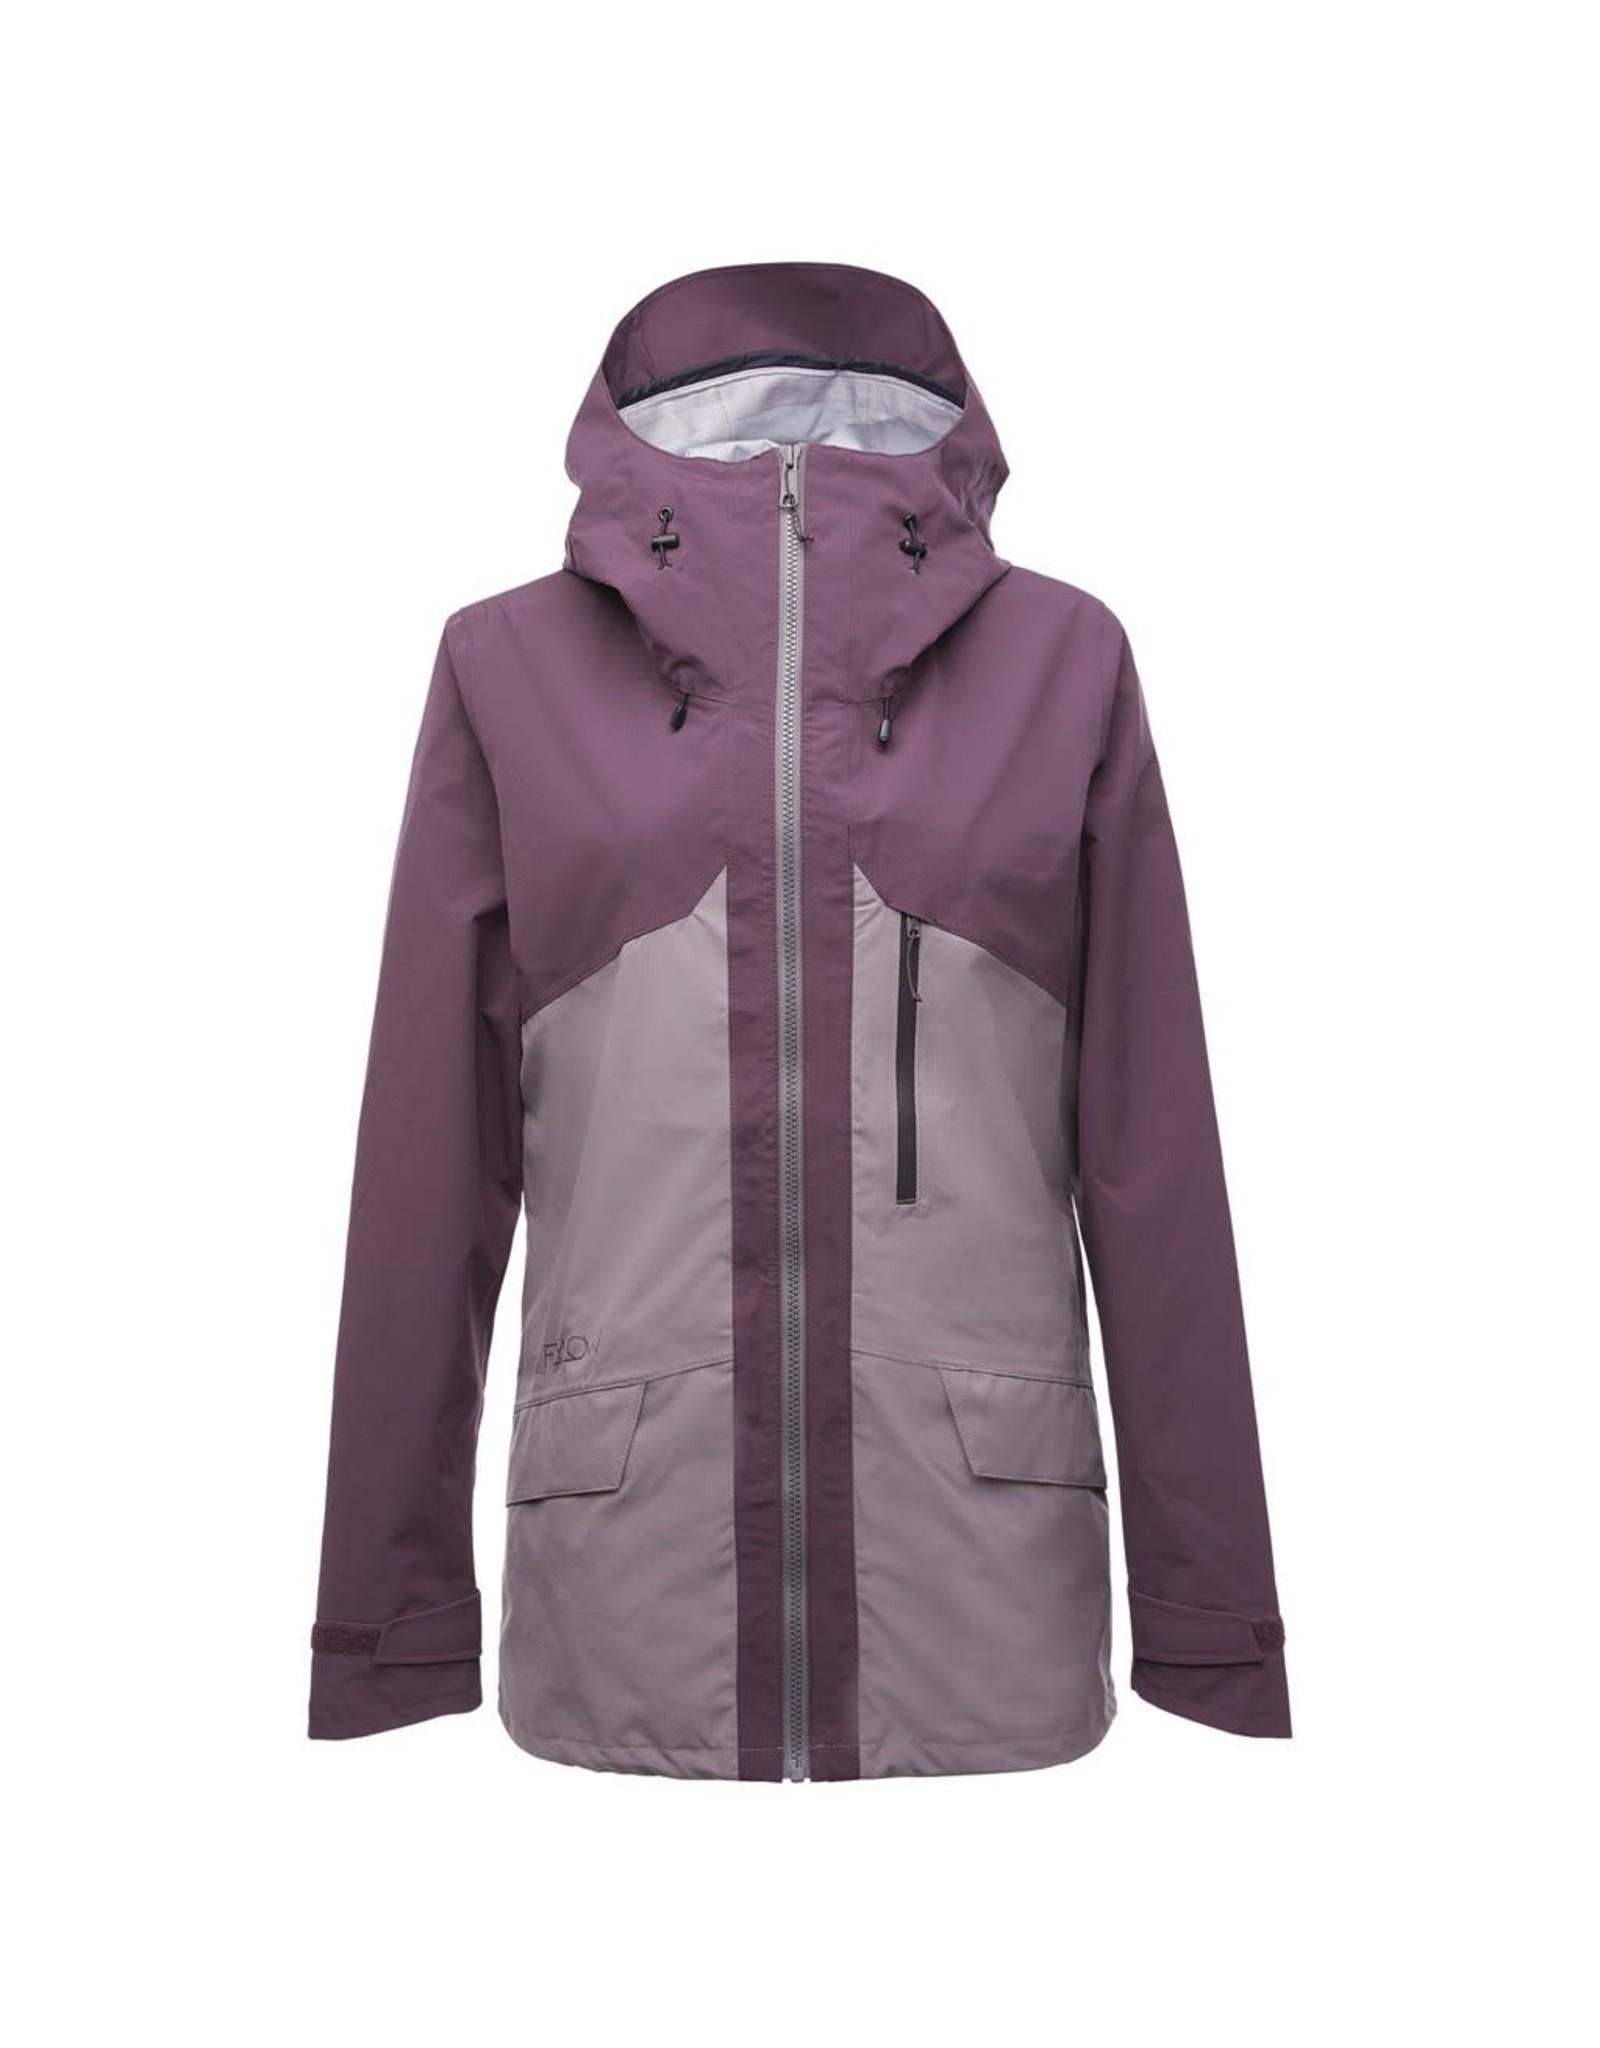 Flylow Flylow Puma Jacket - Women